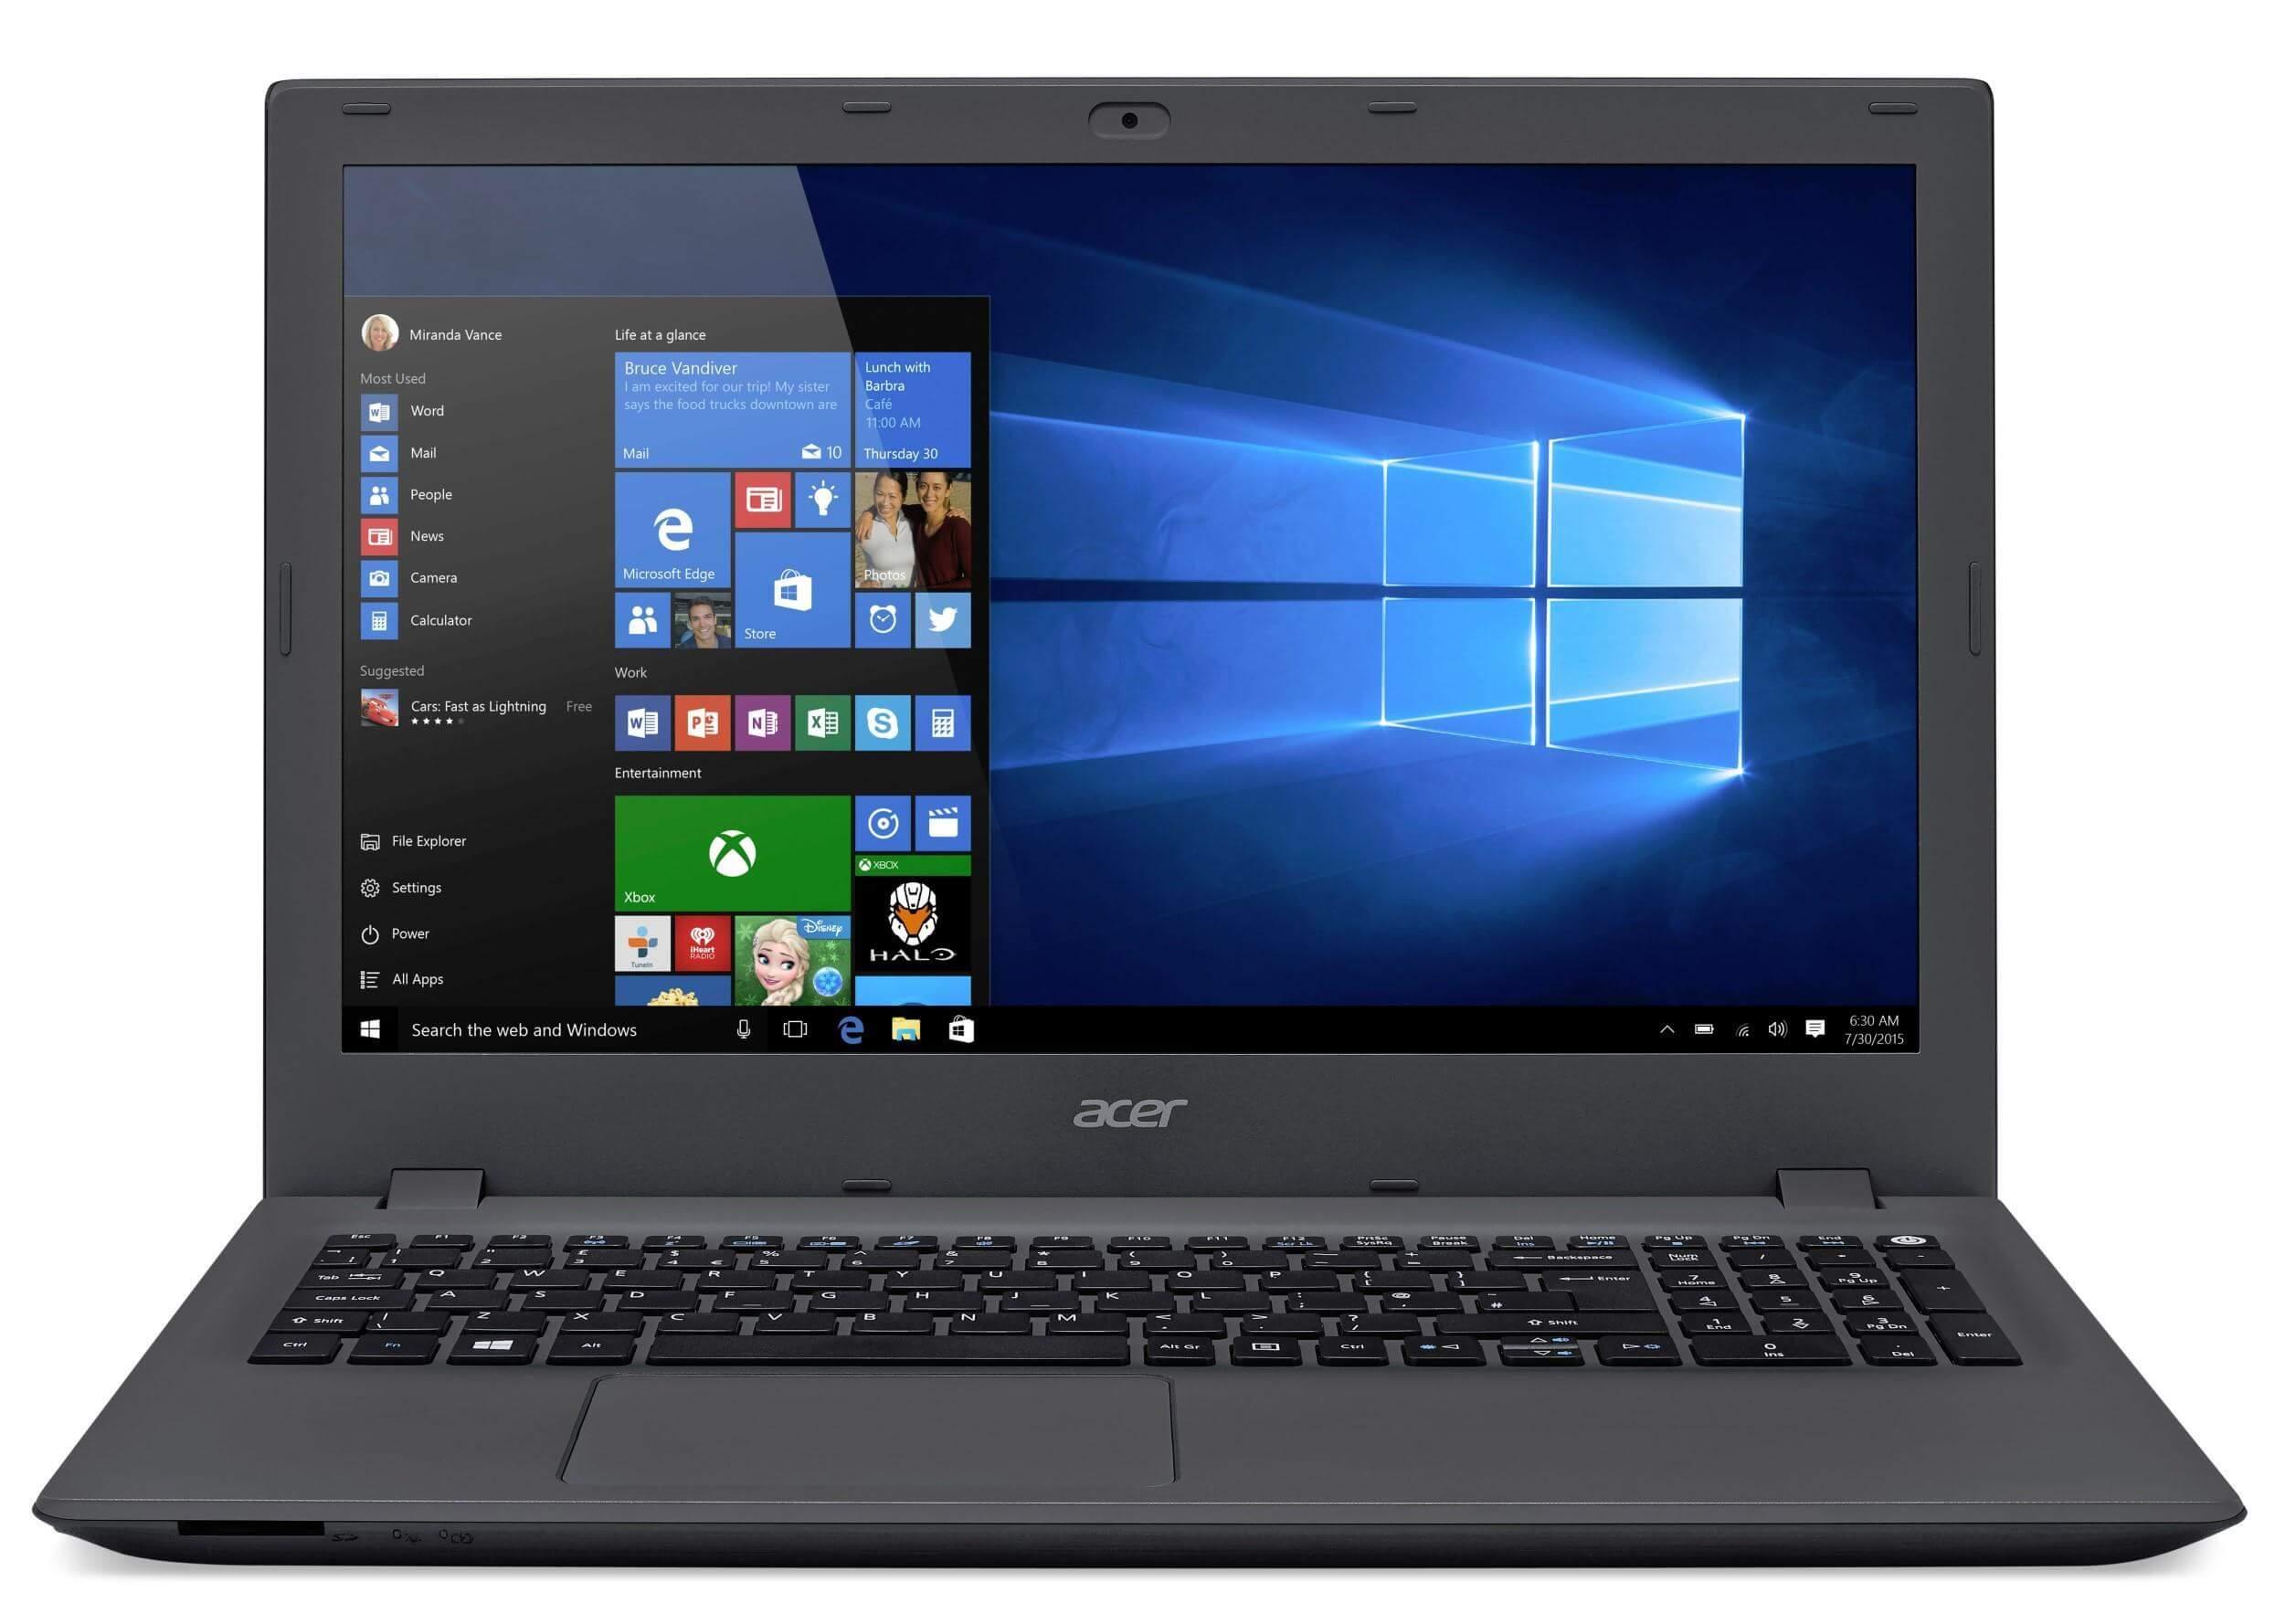 Acer Extensa 4210 Camera Windows